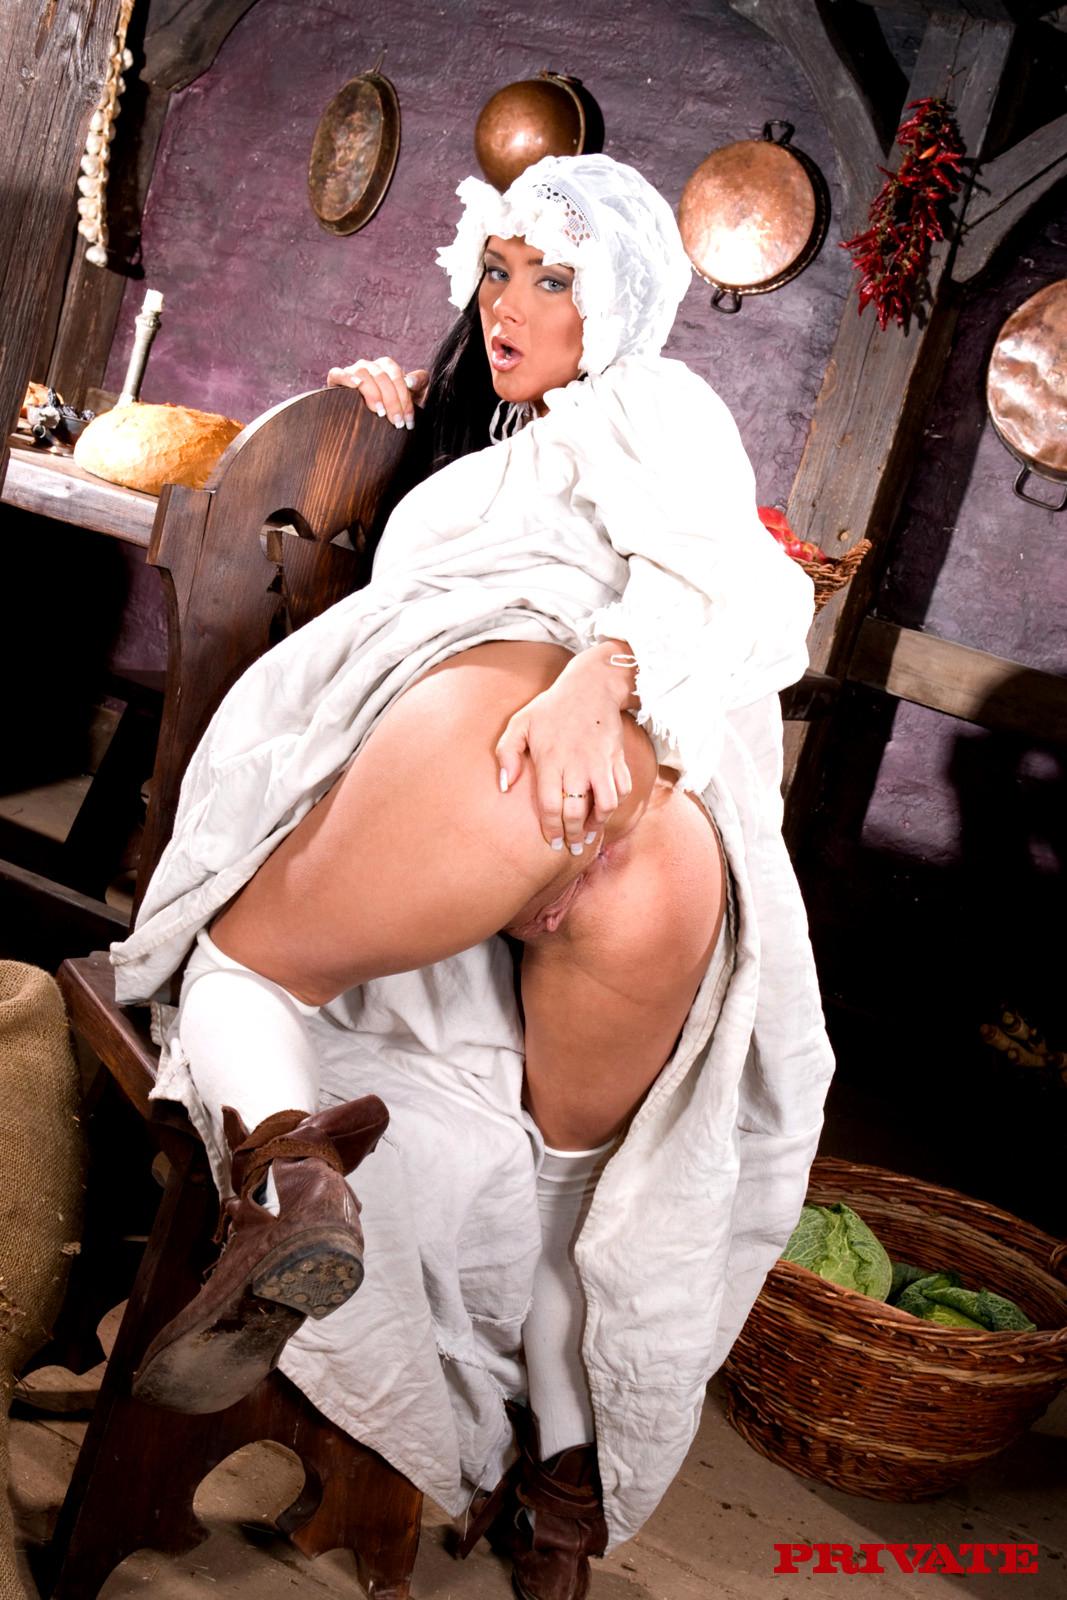 барин трахает крепостных жирных баб в бане ситуация обычными